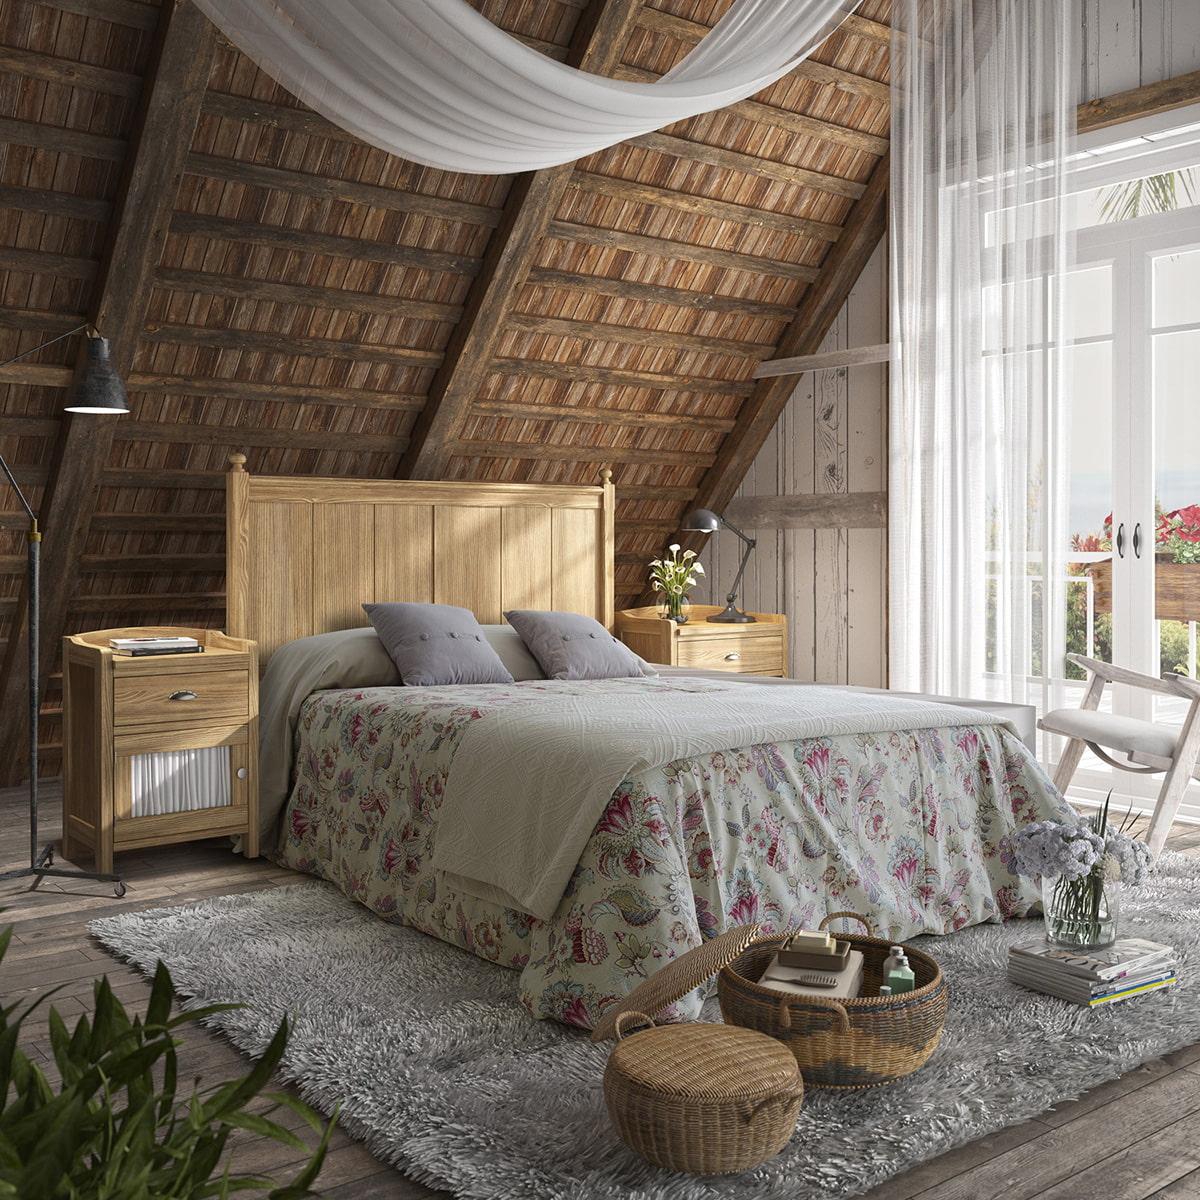 dormitorio-contemporaneo-Dormitorios-muebles-paco-caballero-1337-5c94c02836f60